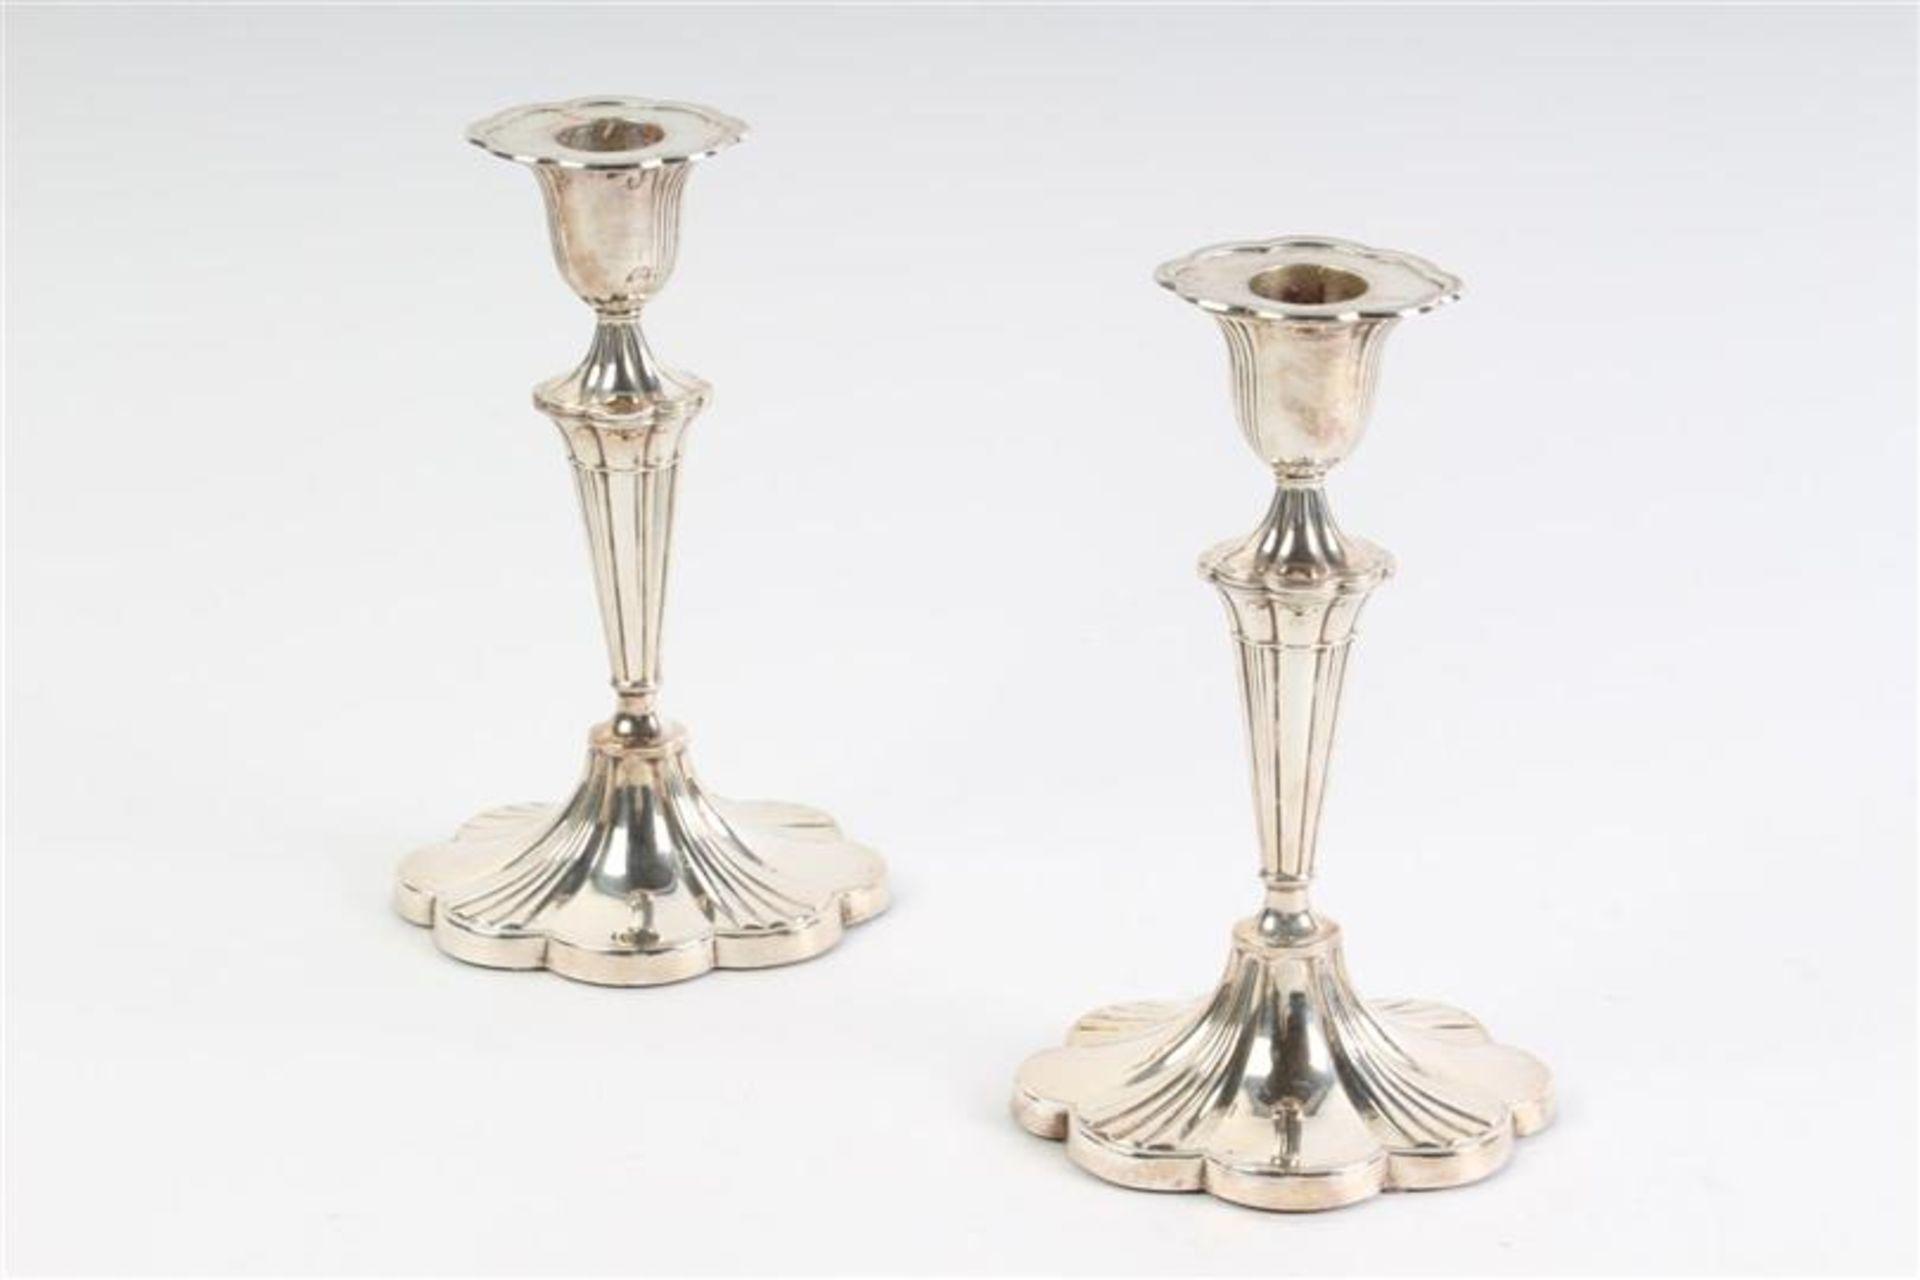 Los 34 - Set van twee zilveren tafelkandelaars, middelhoog model, Engels gekeurd. H: 18.5 cm.